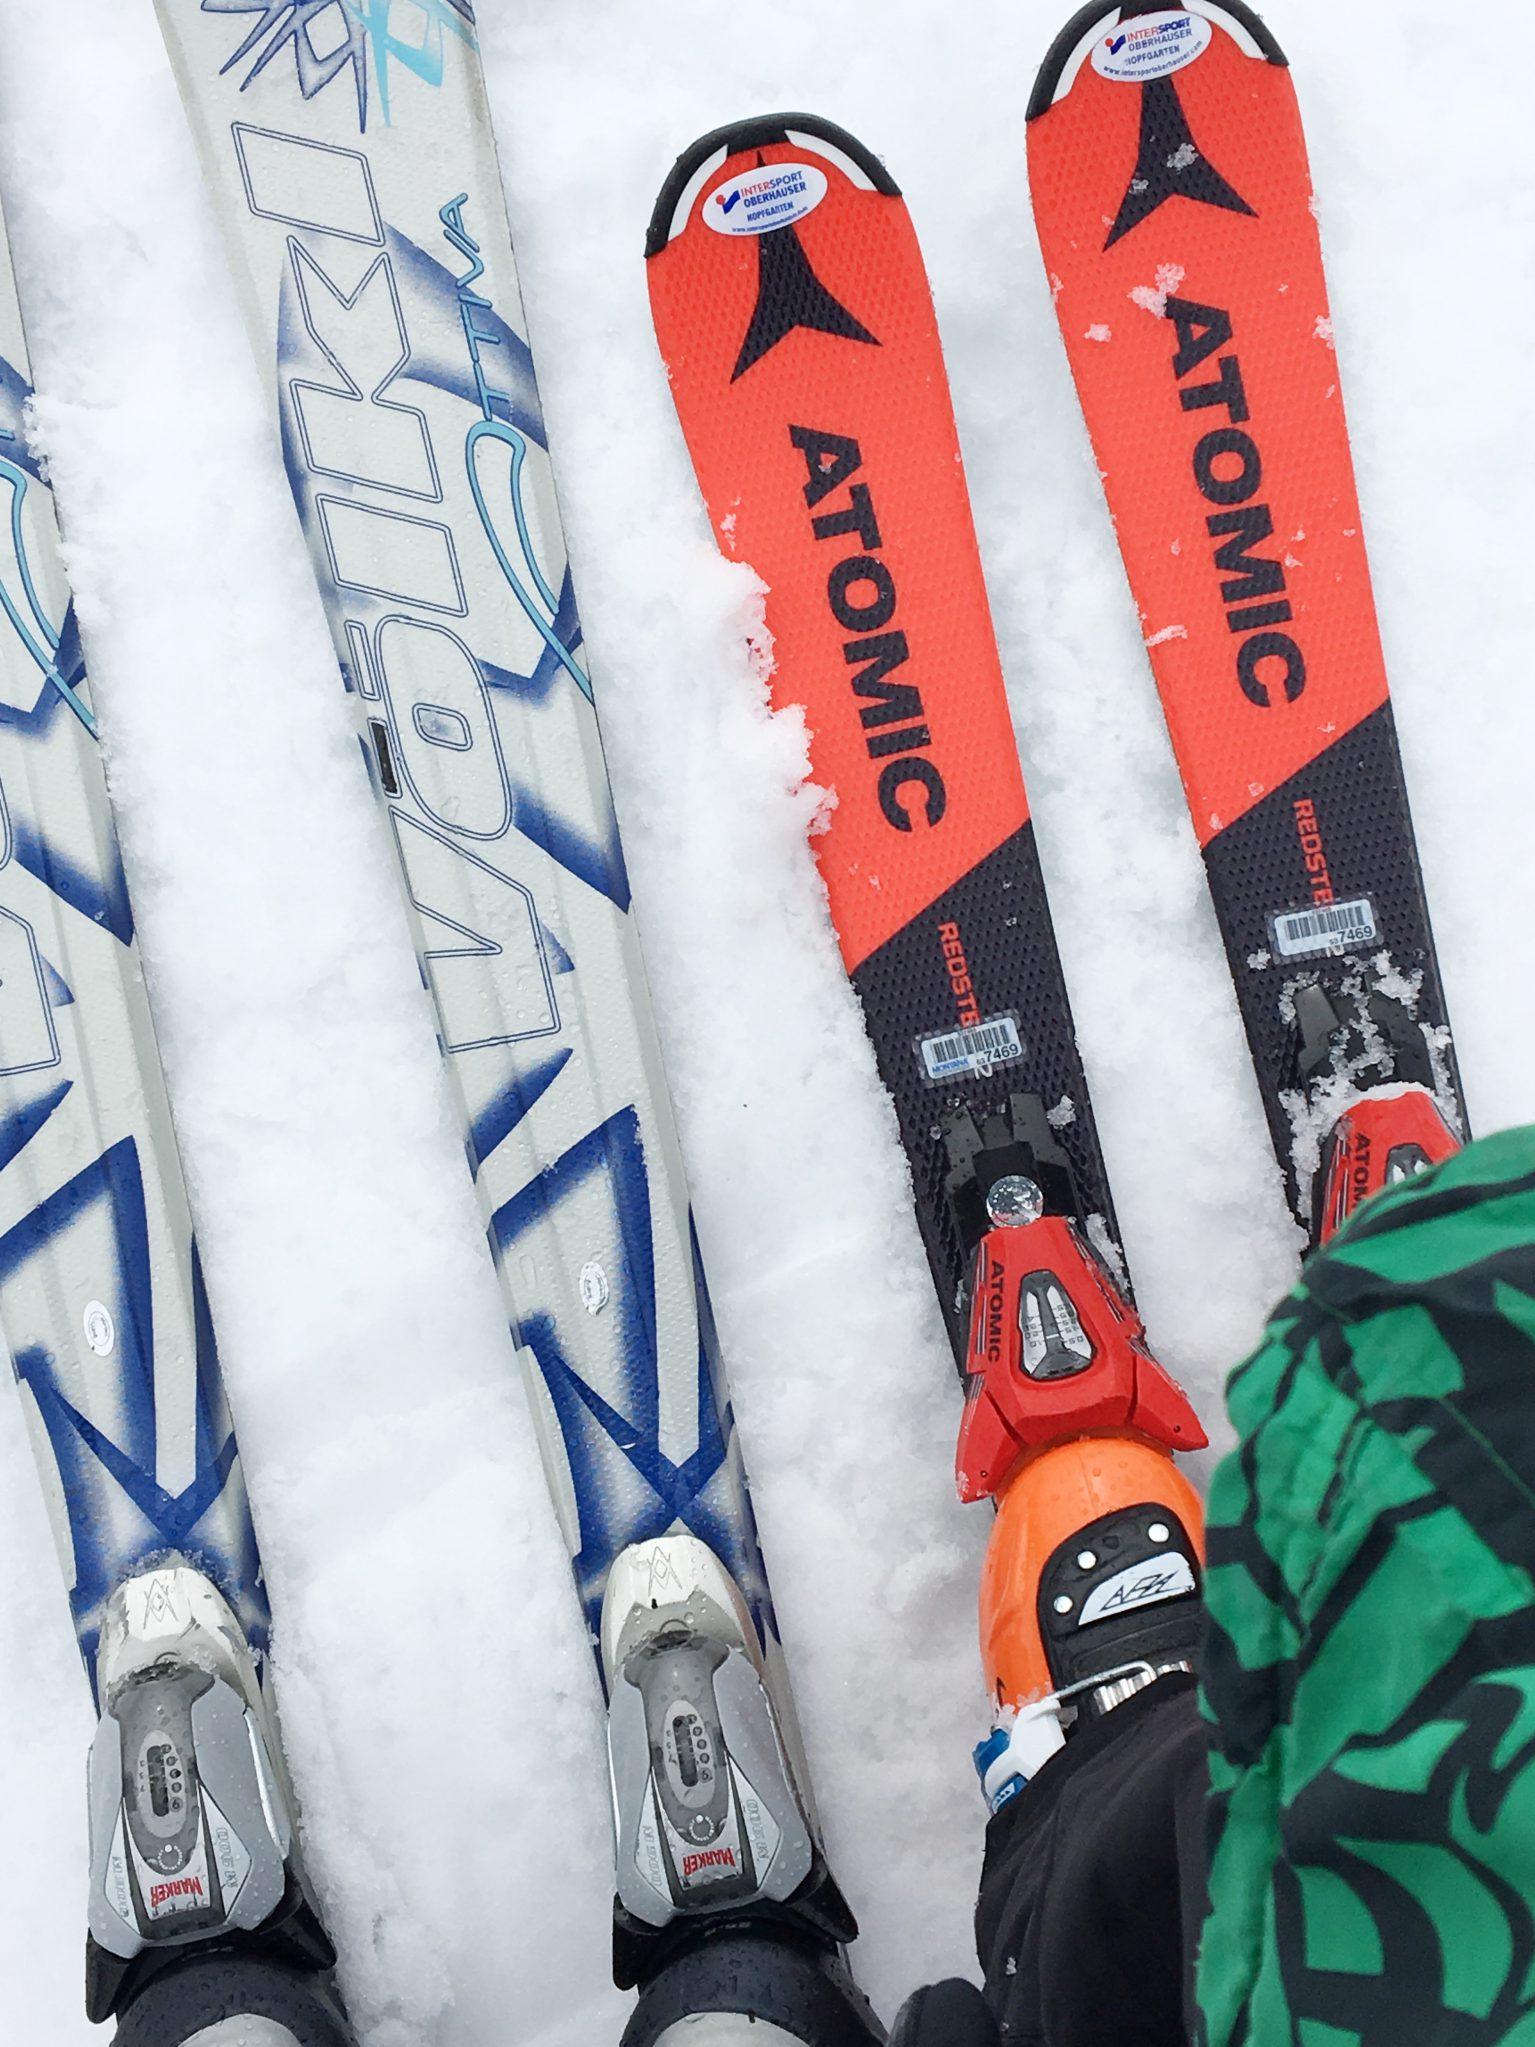 Skiurlaub mit Kindern, Familienurlaub, Winterurlaub, Skifahren, Mamablog, Modeblog, Urlaub mit Kindern buchen, Wunder Reisen